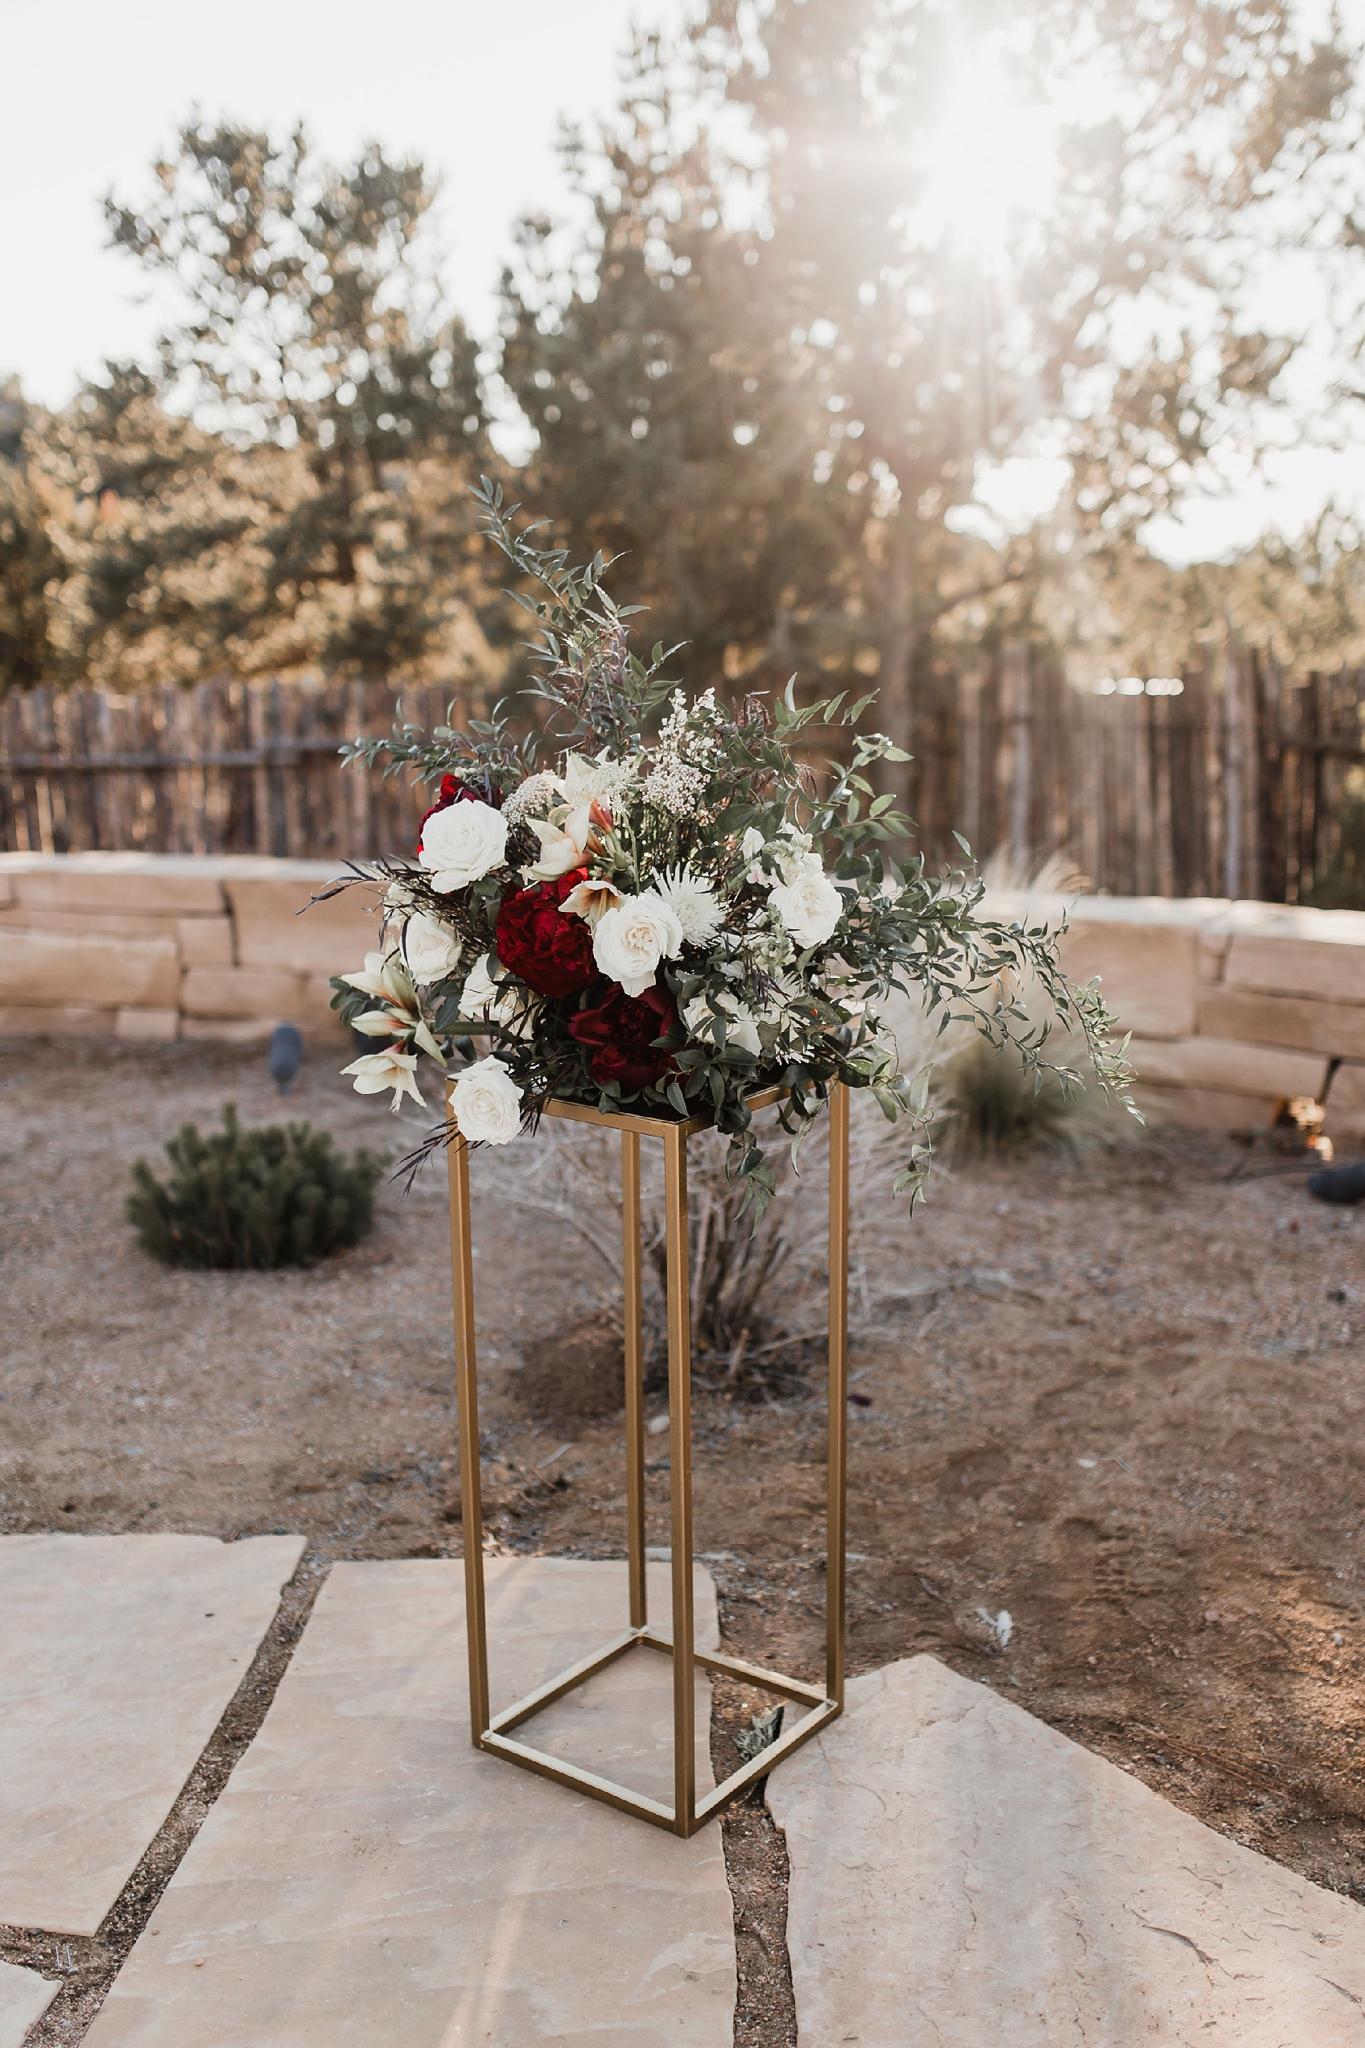 Alicia+lucia+photography+-+albuquerque+wedding+photographer+-+santa+fe+wedding+photography+-+new+mexico+wedding+photographer+-+new+mexico+wedding+-+new+mexico+florist+-+floriography+flowers+-+floriography+flowers+new+mexico+-+wedding+florist_0029.jpg